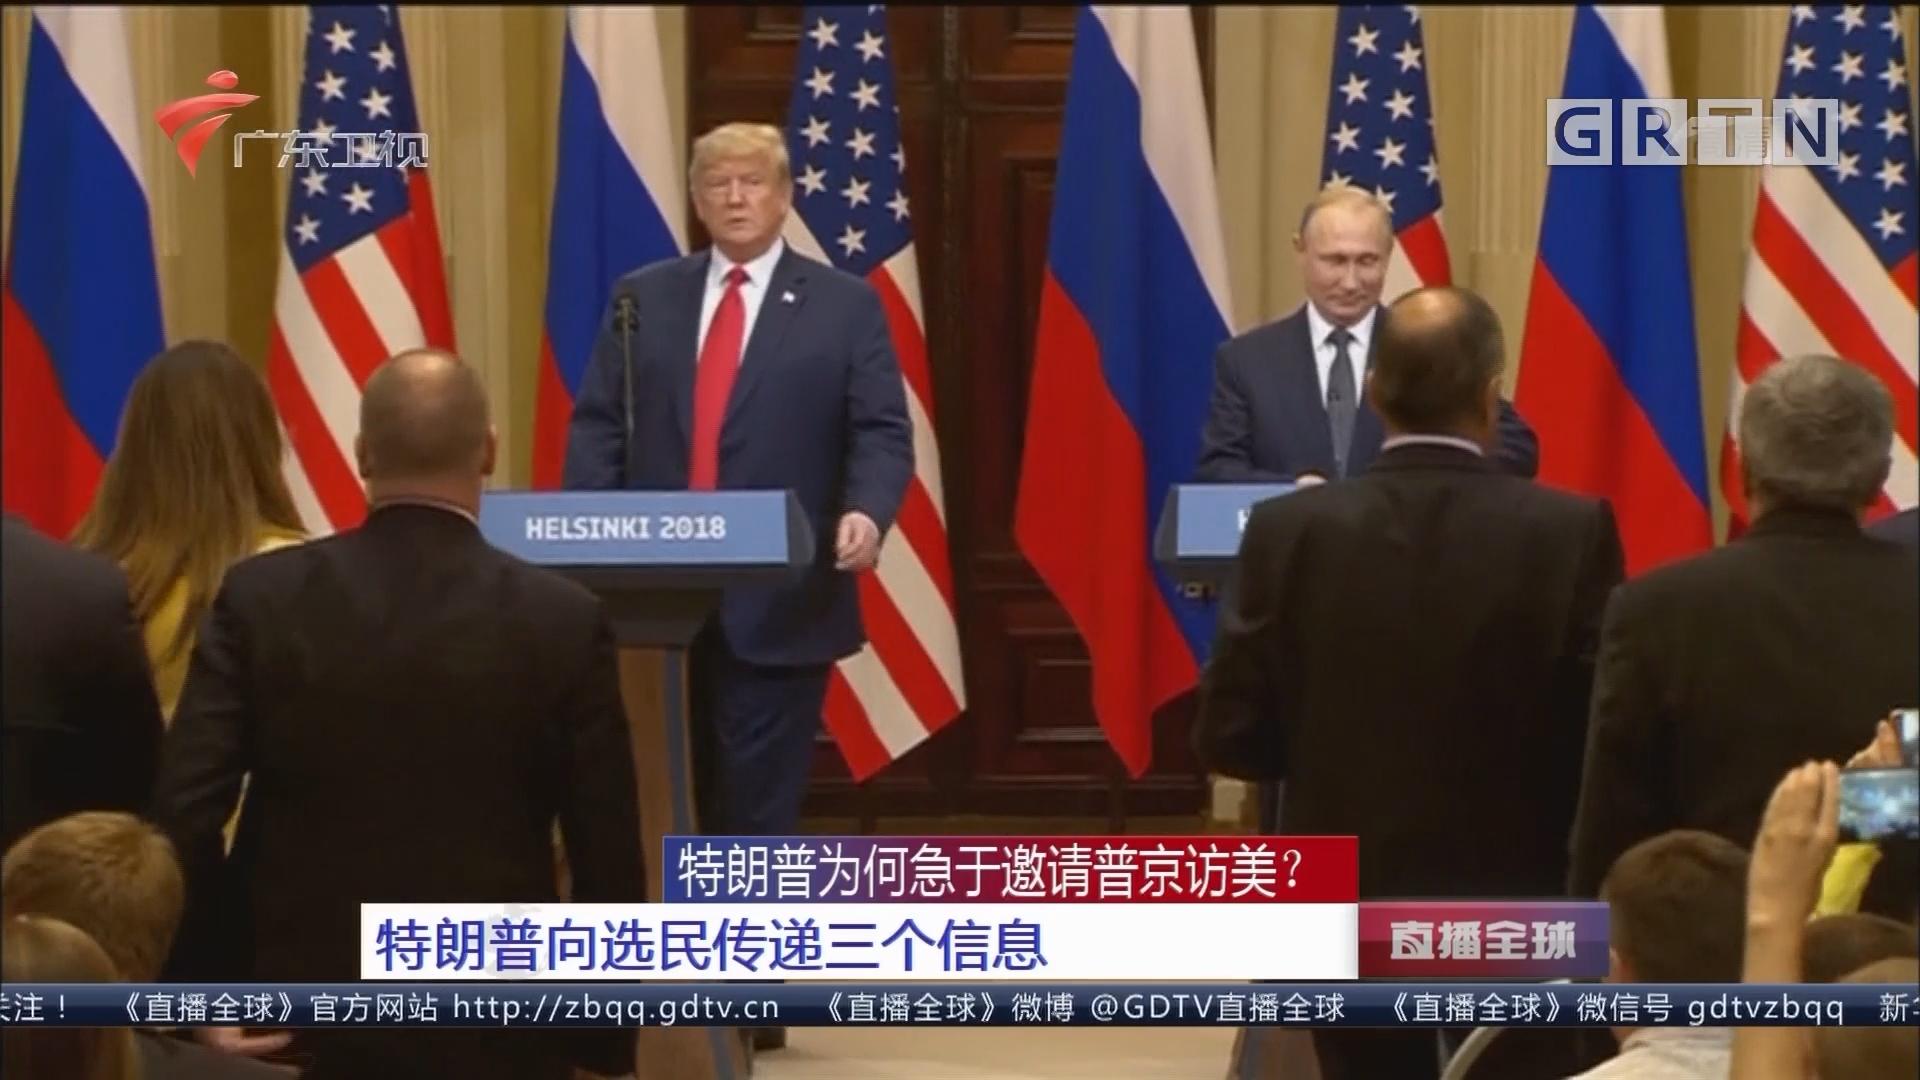 特朗普为何急于邀请普京访美?:特朗普向选民传递三个信息